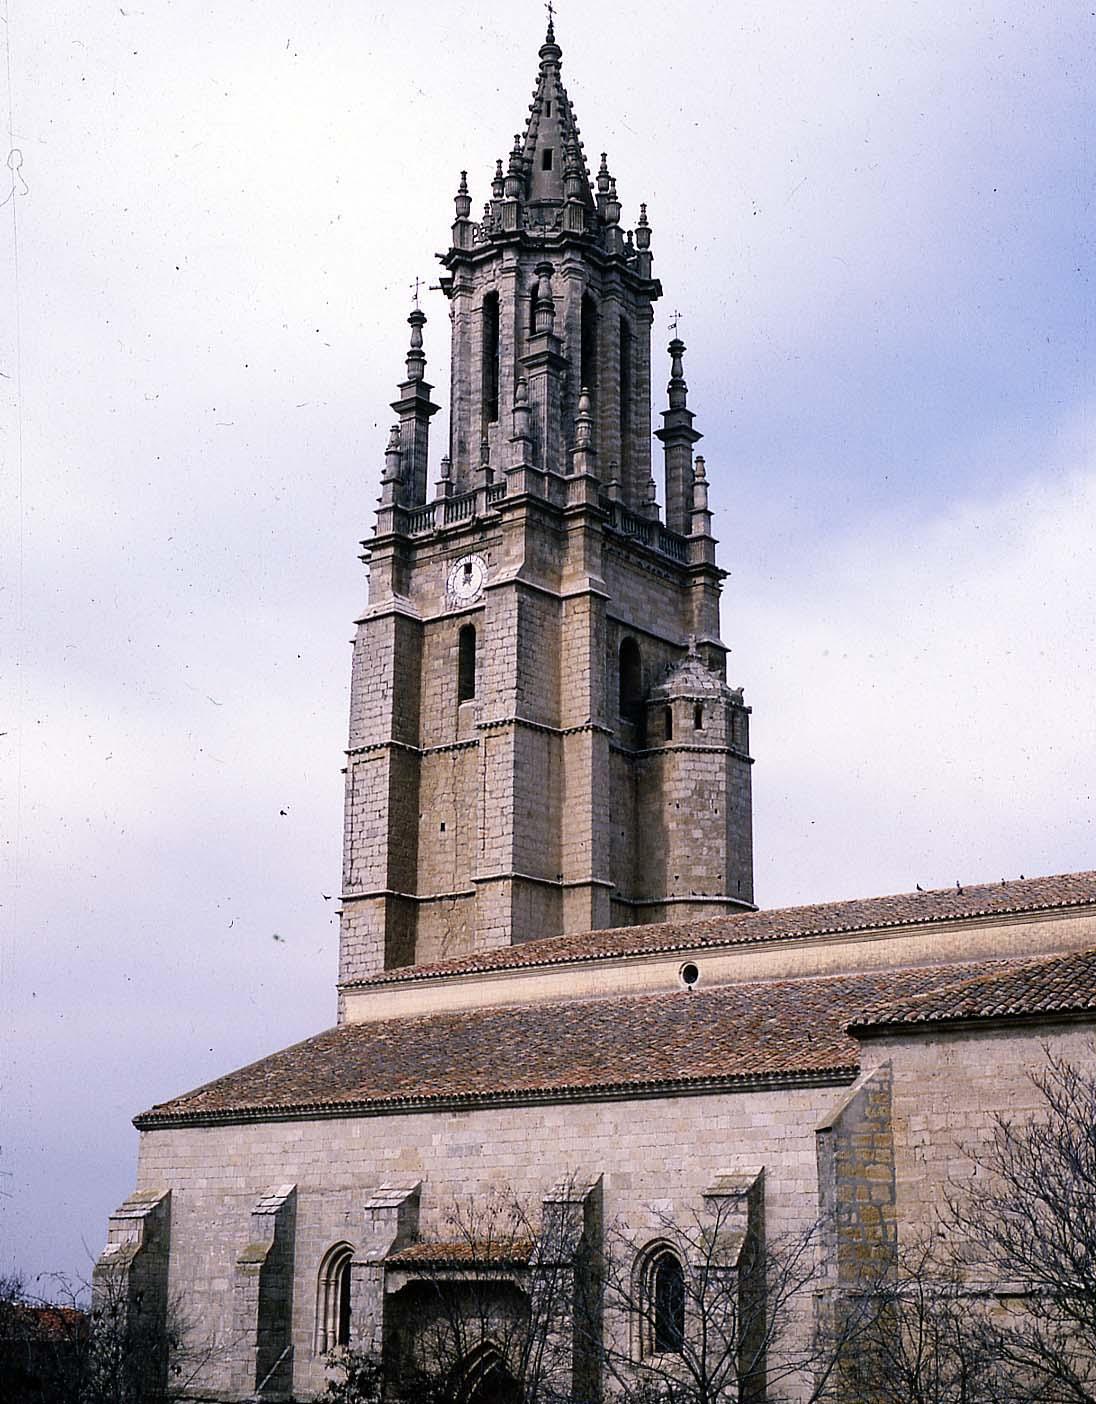 Ampudia-colegiata torre